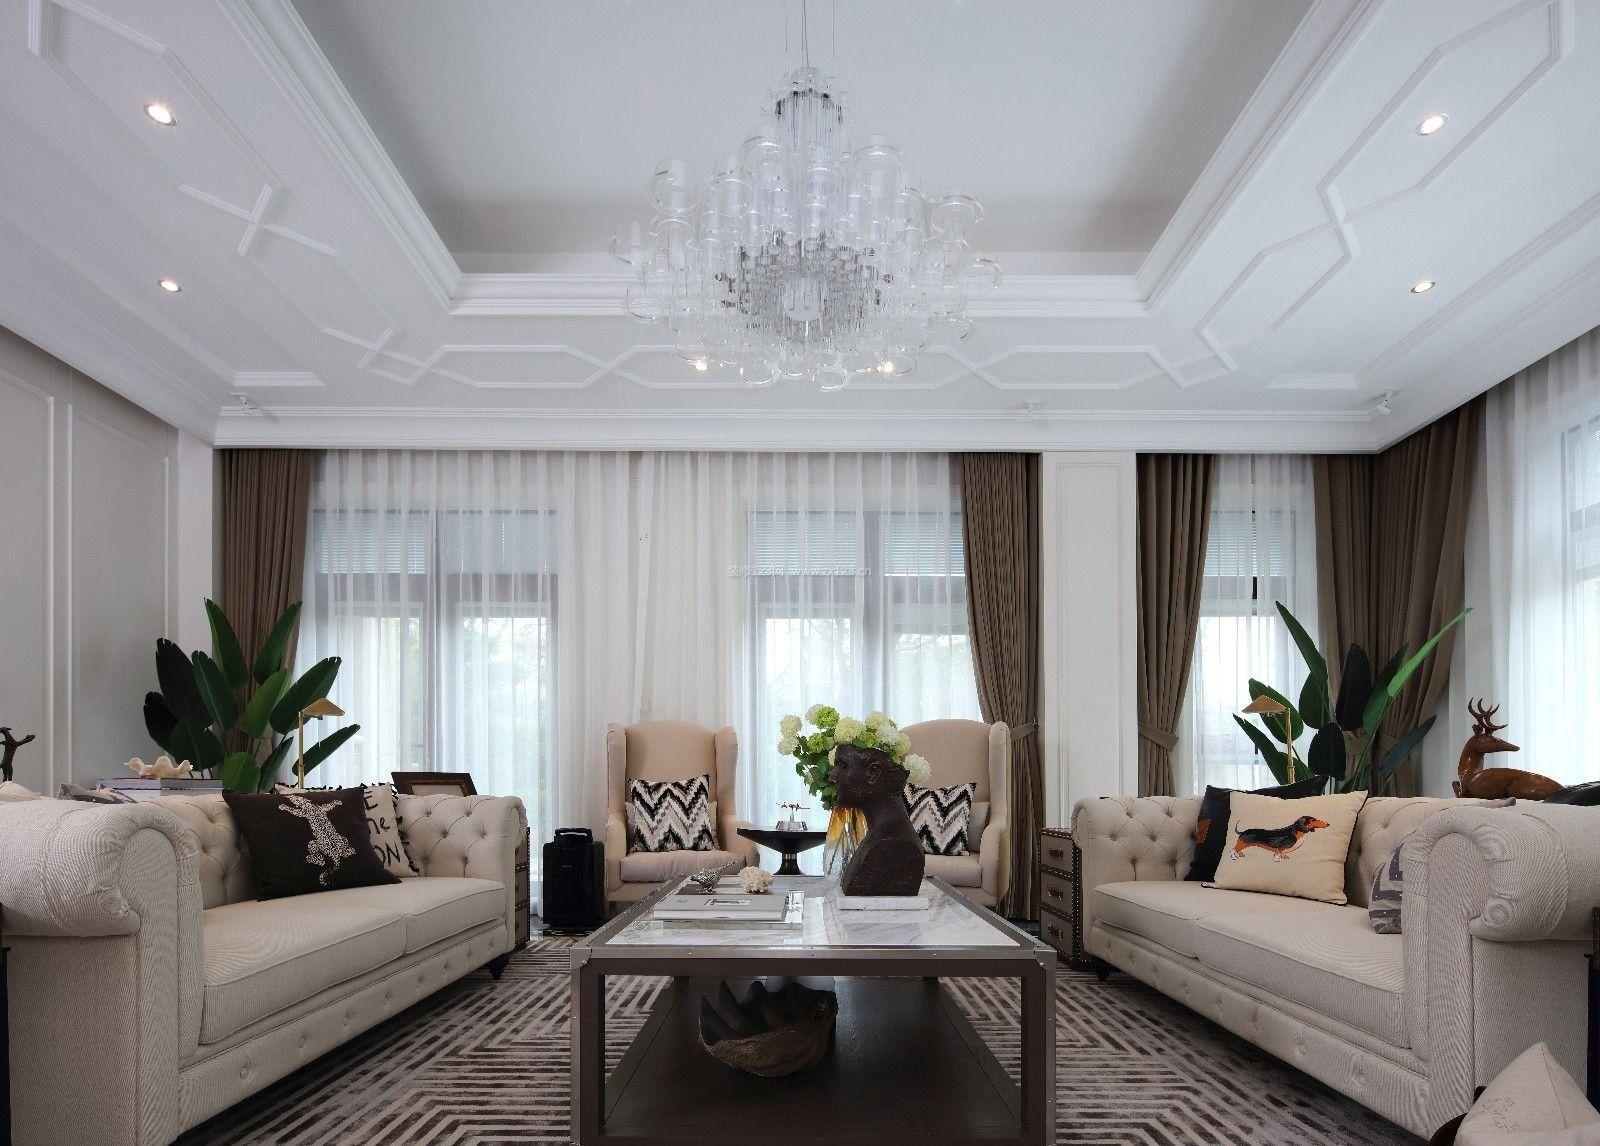 客厅沙发如何选购?需要注意哪些点?